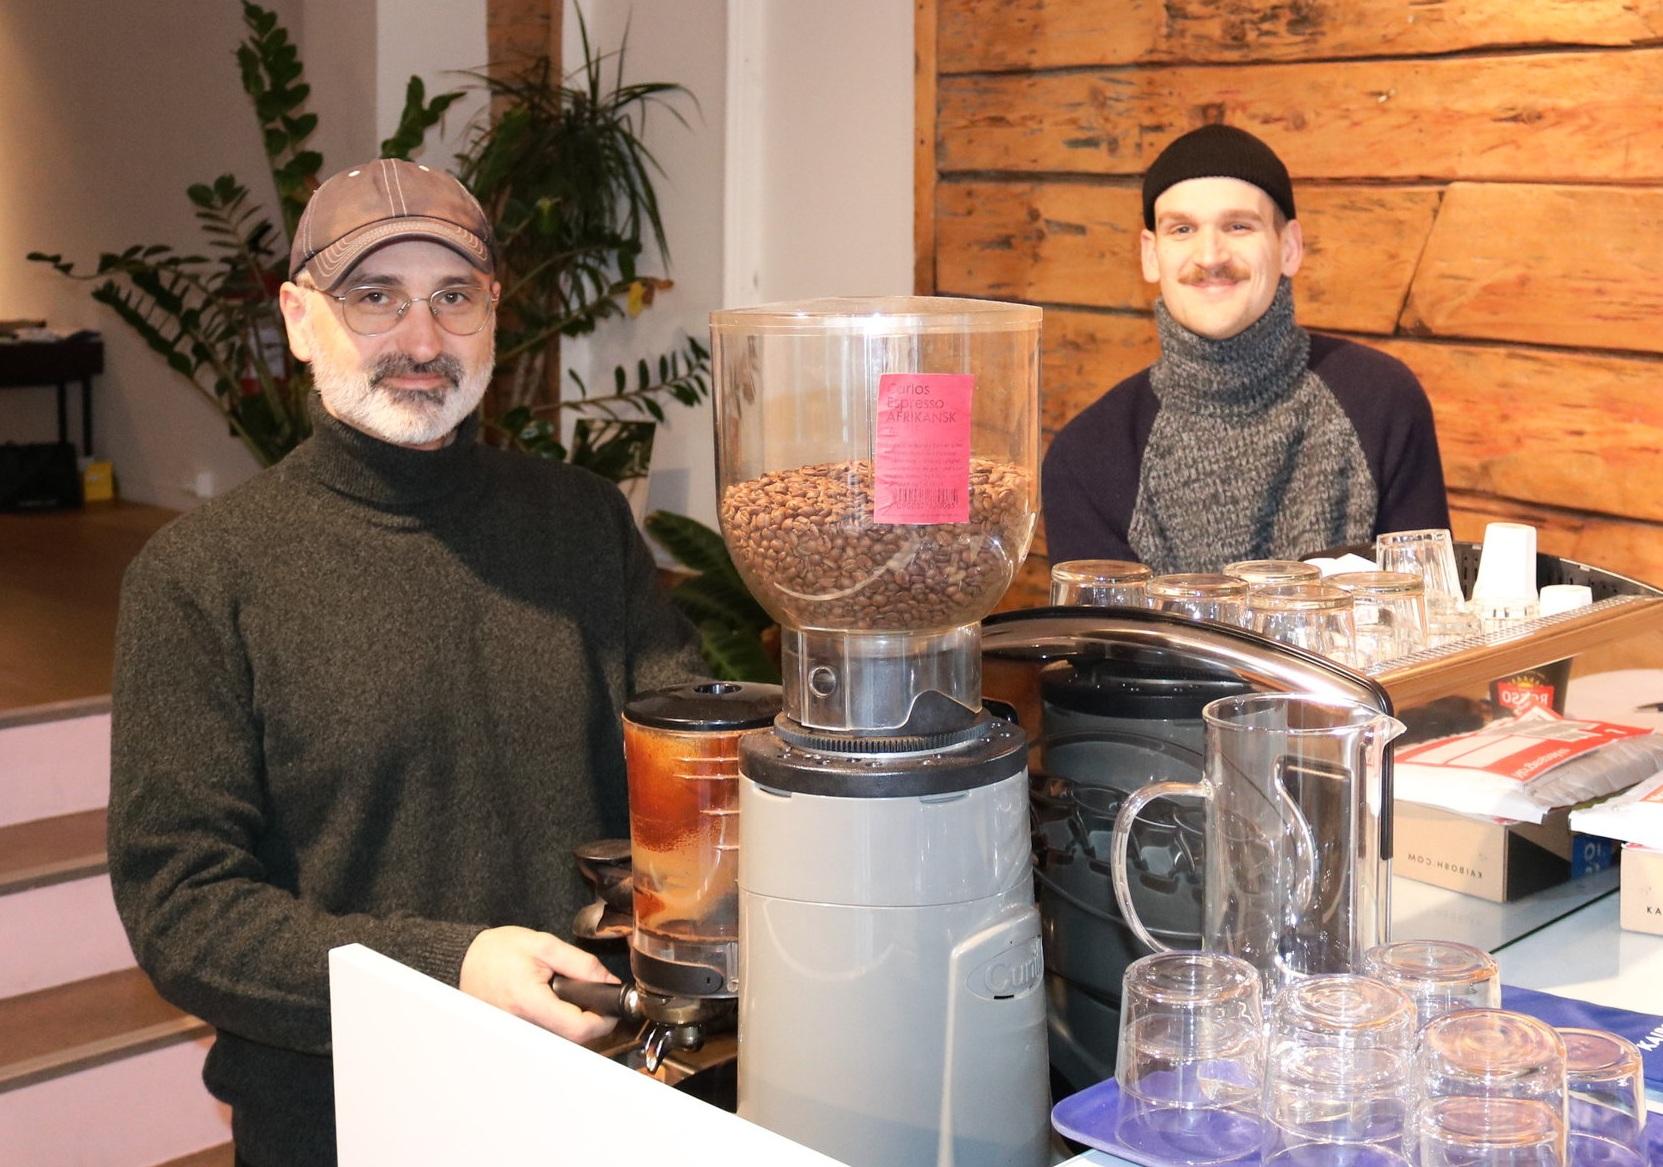 Helge og Stig tok meg bokstavelig talt varmt imot. Rykende fersk kaffe med bønner fra Bergen Kaffebrenneri gjorde starten på besøket til en behagelig start for en kaffe-elsker.